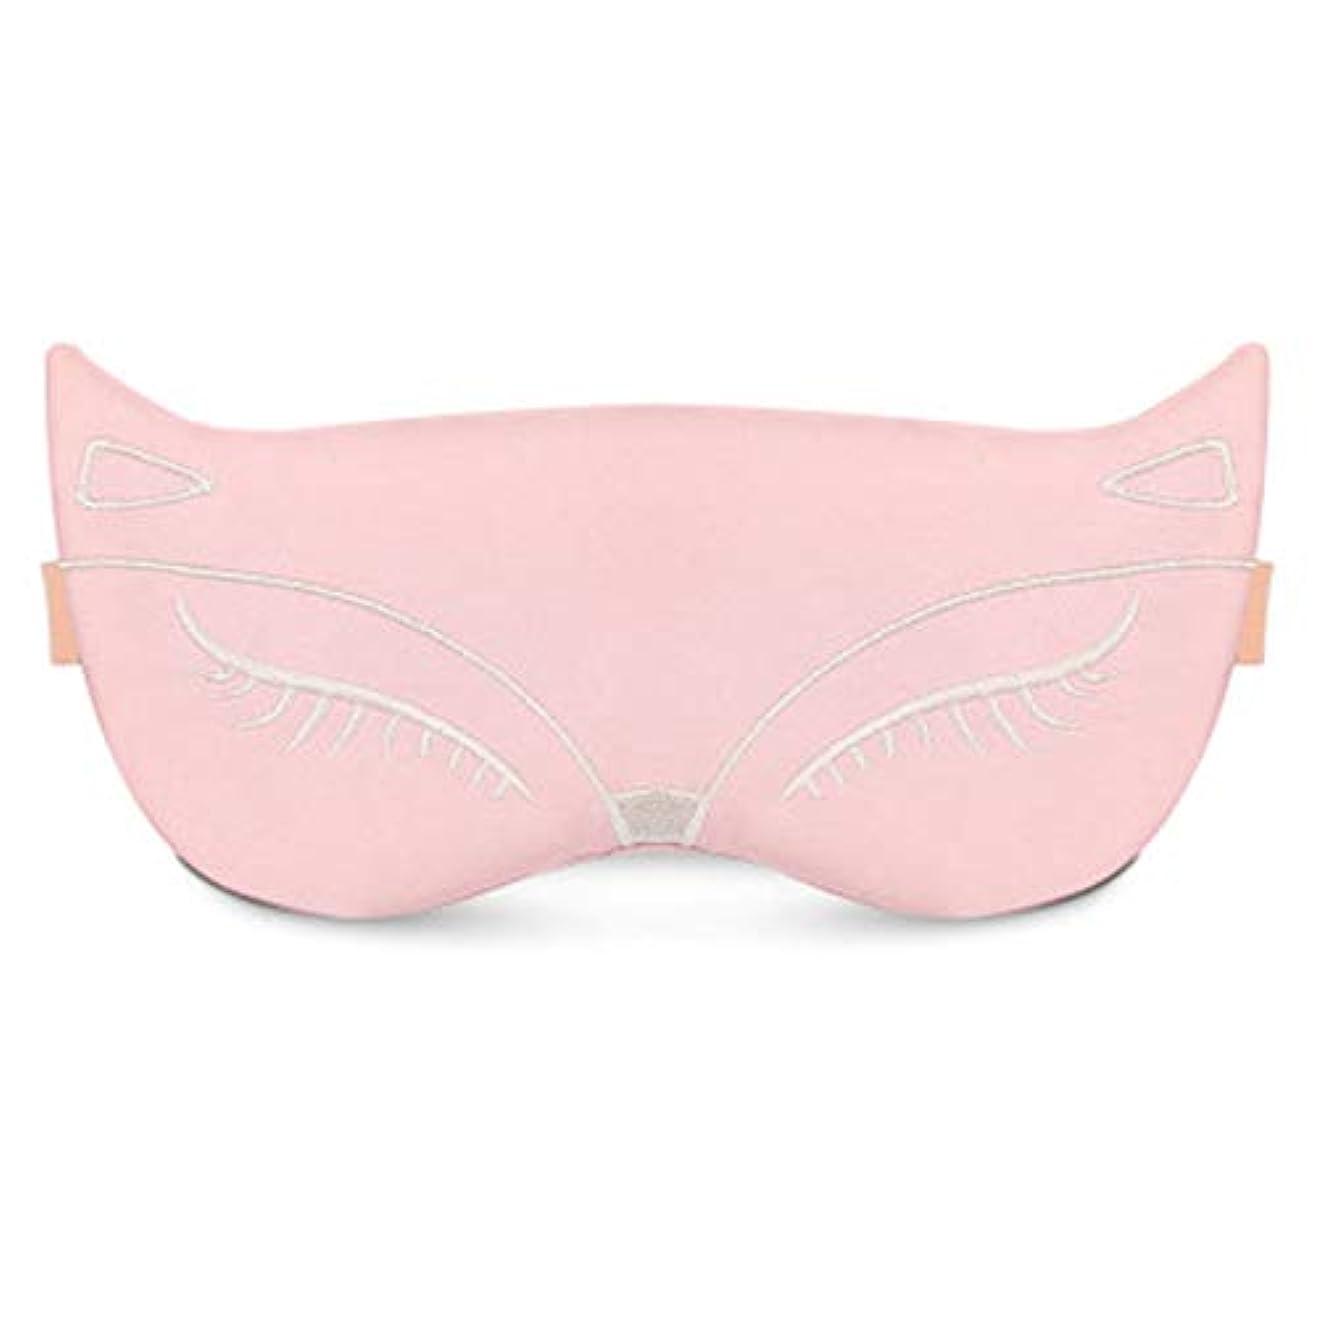 スパイラルナット策定するNOTE Atomusシルクスリーピングマスクアイパッチキツネ刺繍アイパッチ調整可能な睡眠補助目隠し旅行睡眠アイマスクいいえアイスバッグ